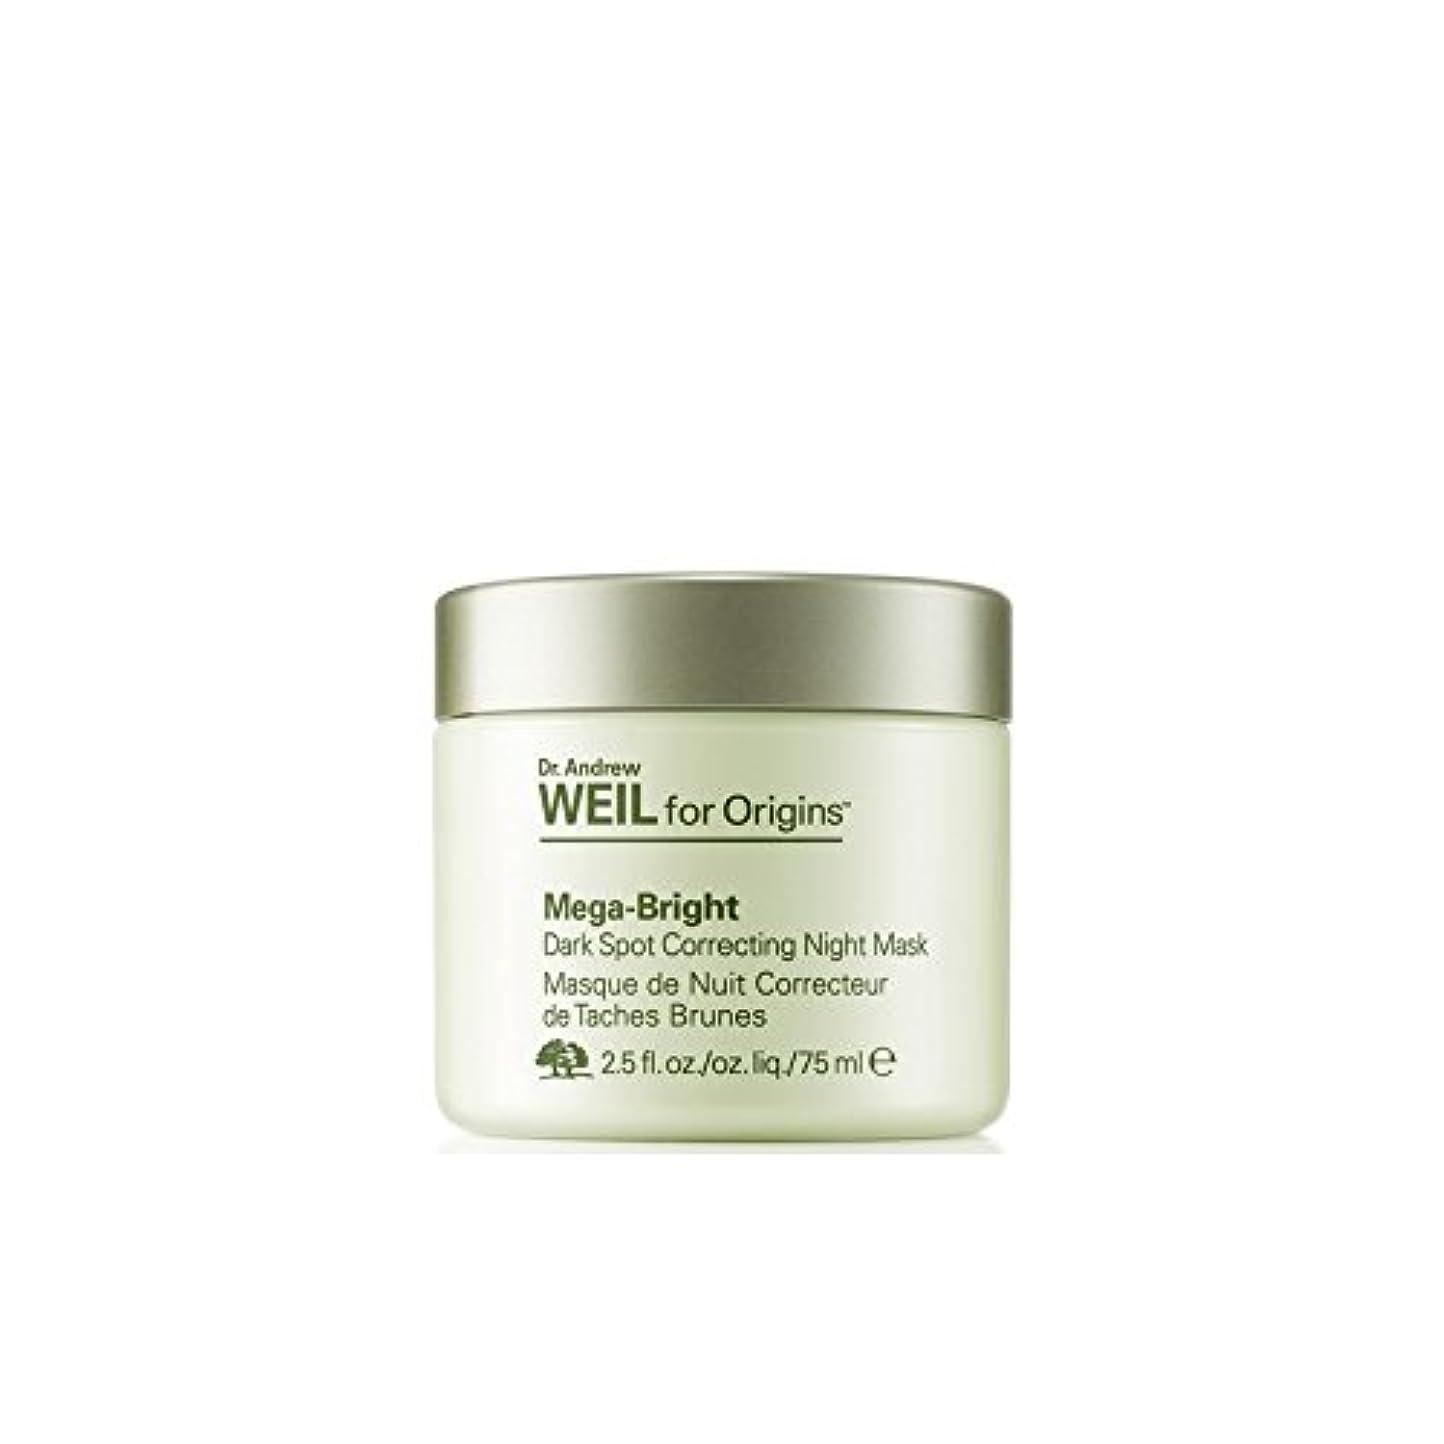 ペパーミント共産主義イライラするOrigins Dr. Andrew Weil For Origins? Mega-Bright Skin Tone Correcting Overnight Mask 75ml - 起源アンドルー・ワイル一晩マスク75ミリリットルを修正メガ明るい肌のトーン?起源について [並行輸入品]